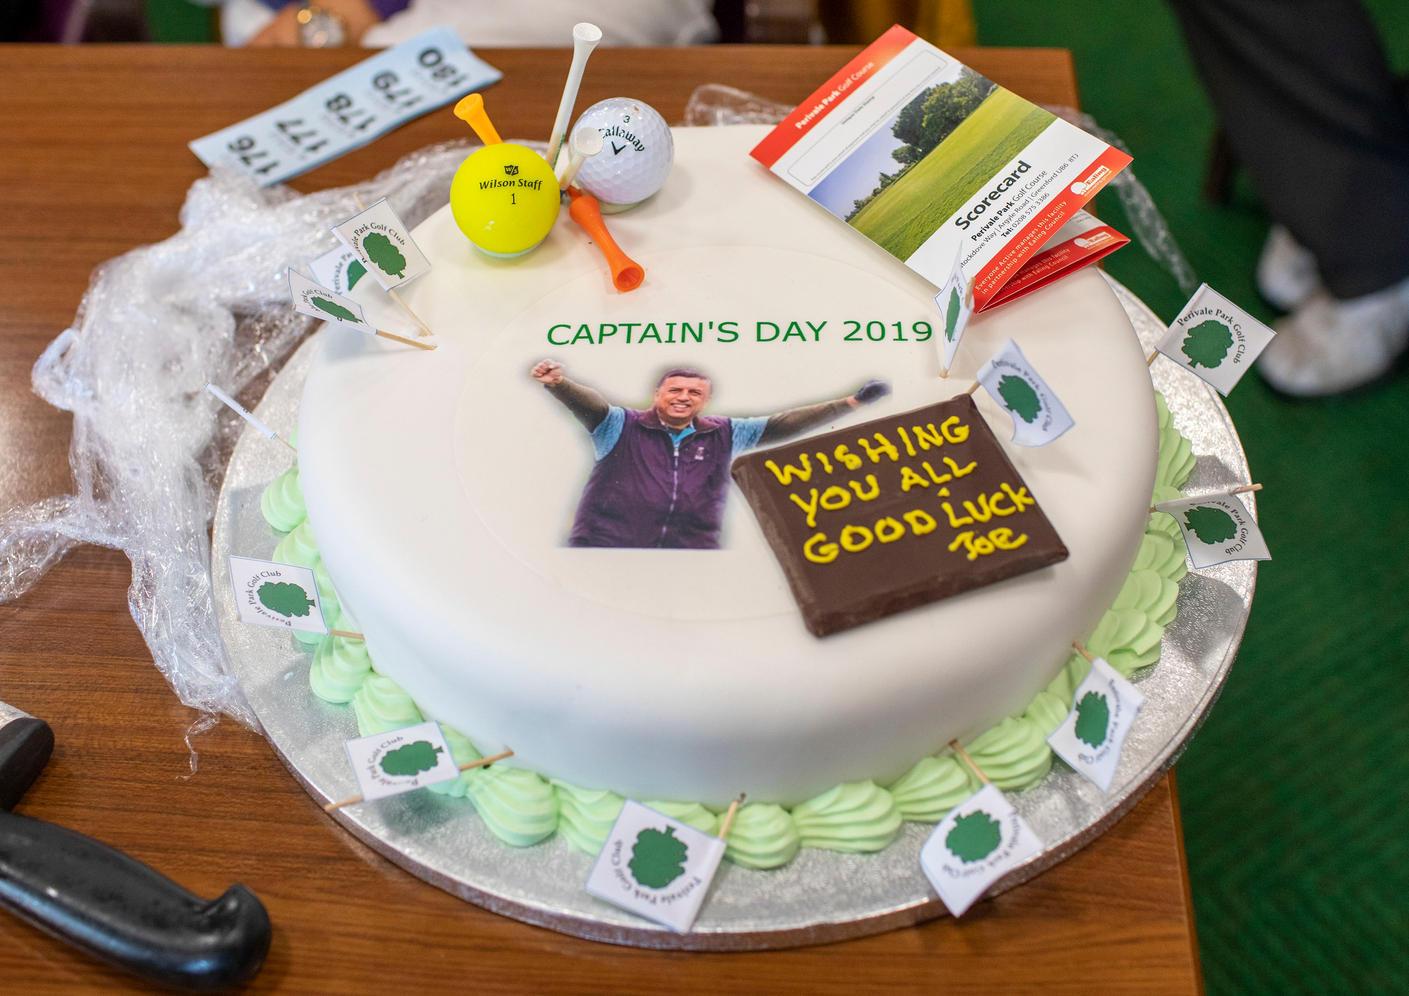 Capt. Day